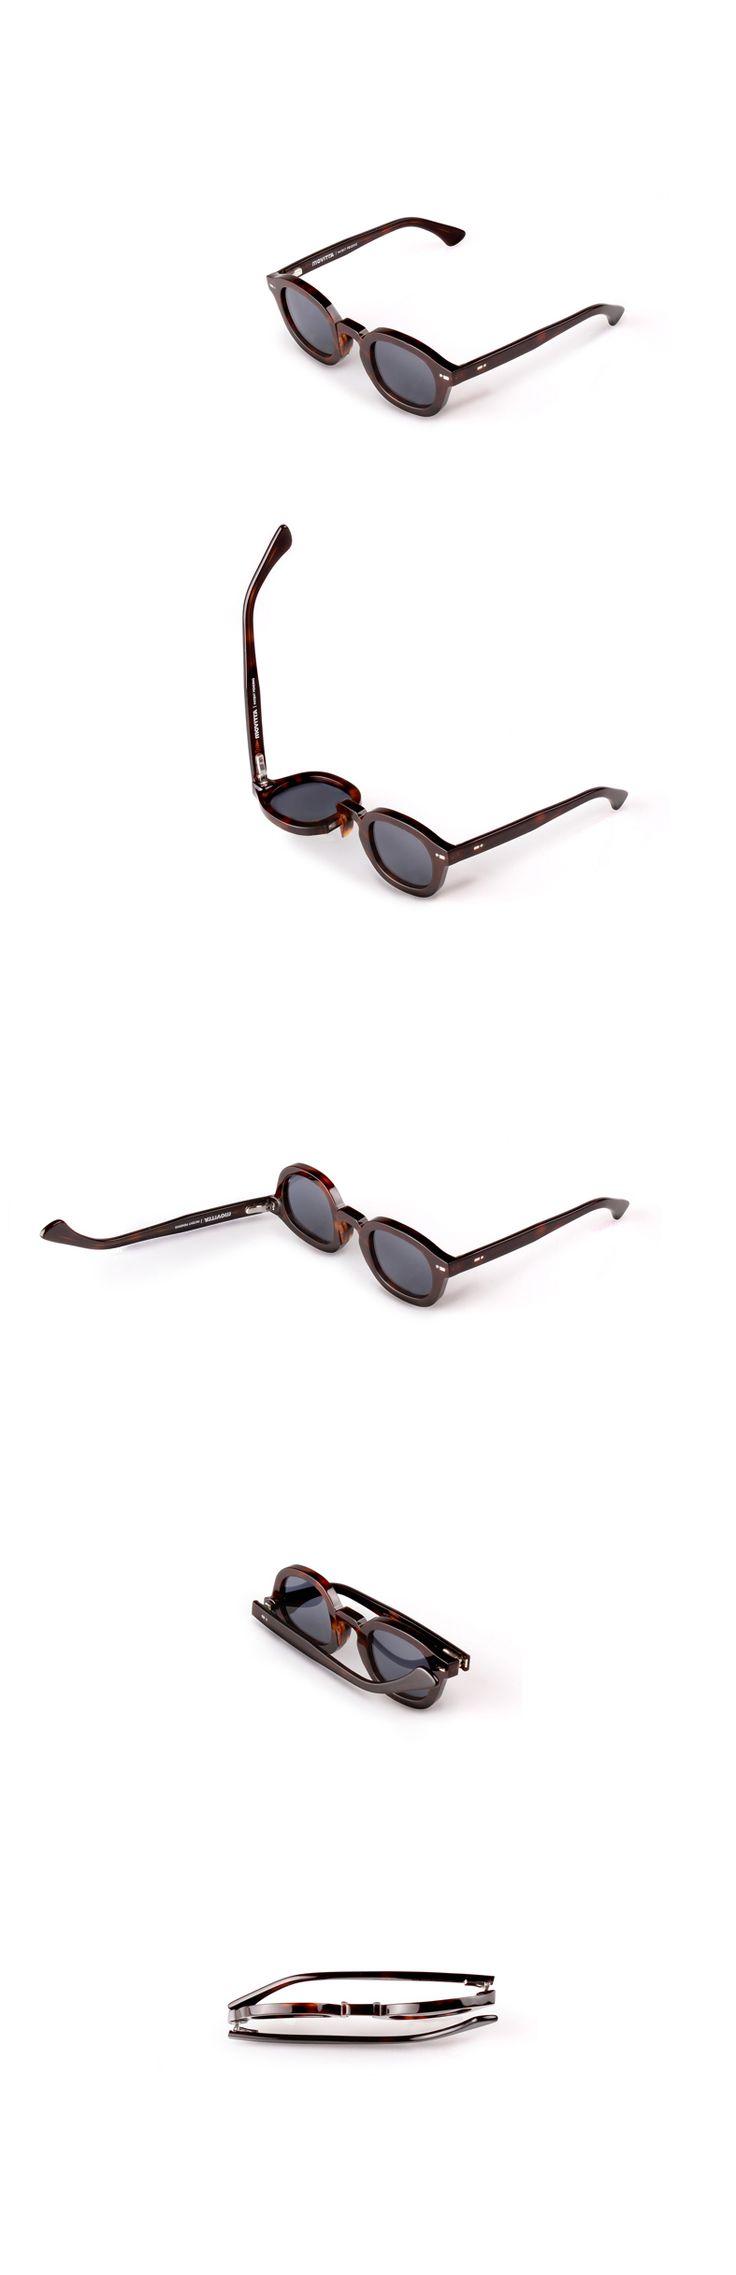 Movitra 115 - Havana scuro con lente blu #sunglasses #movitra #movitraspectacles #spectacles #glasses #eyewear